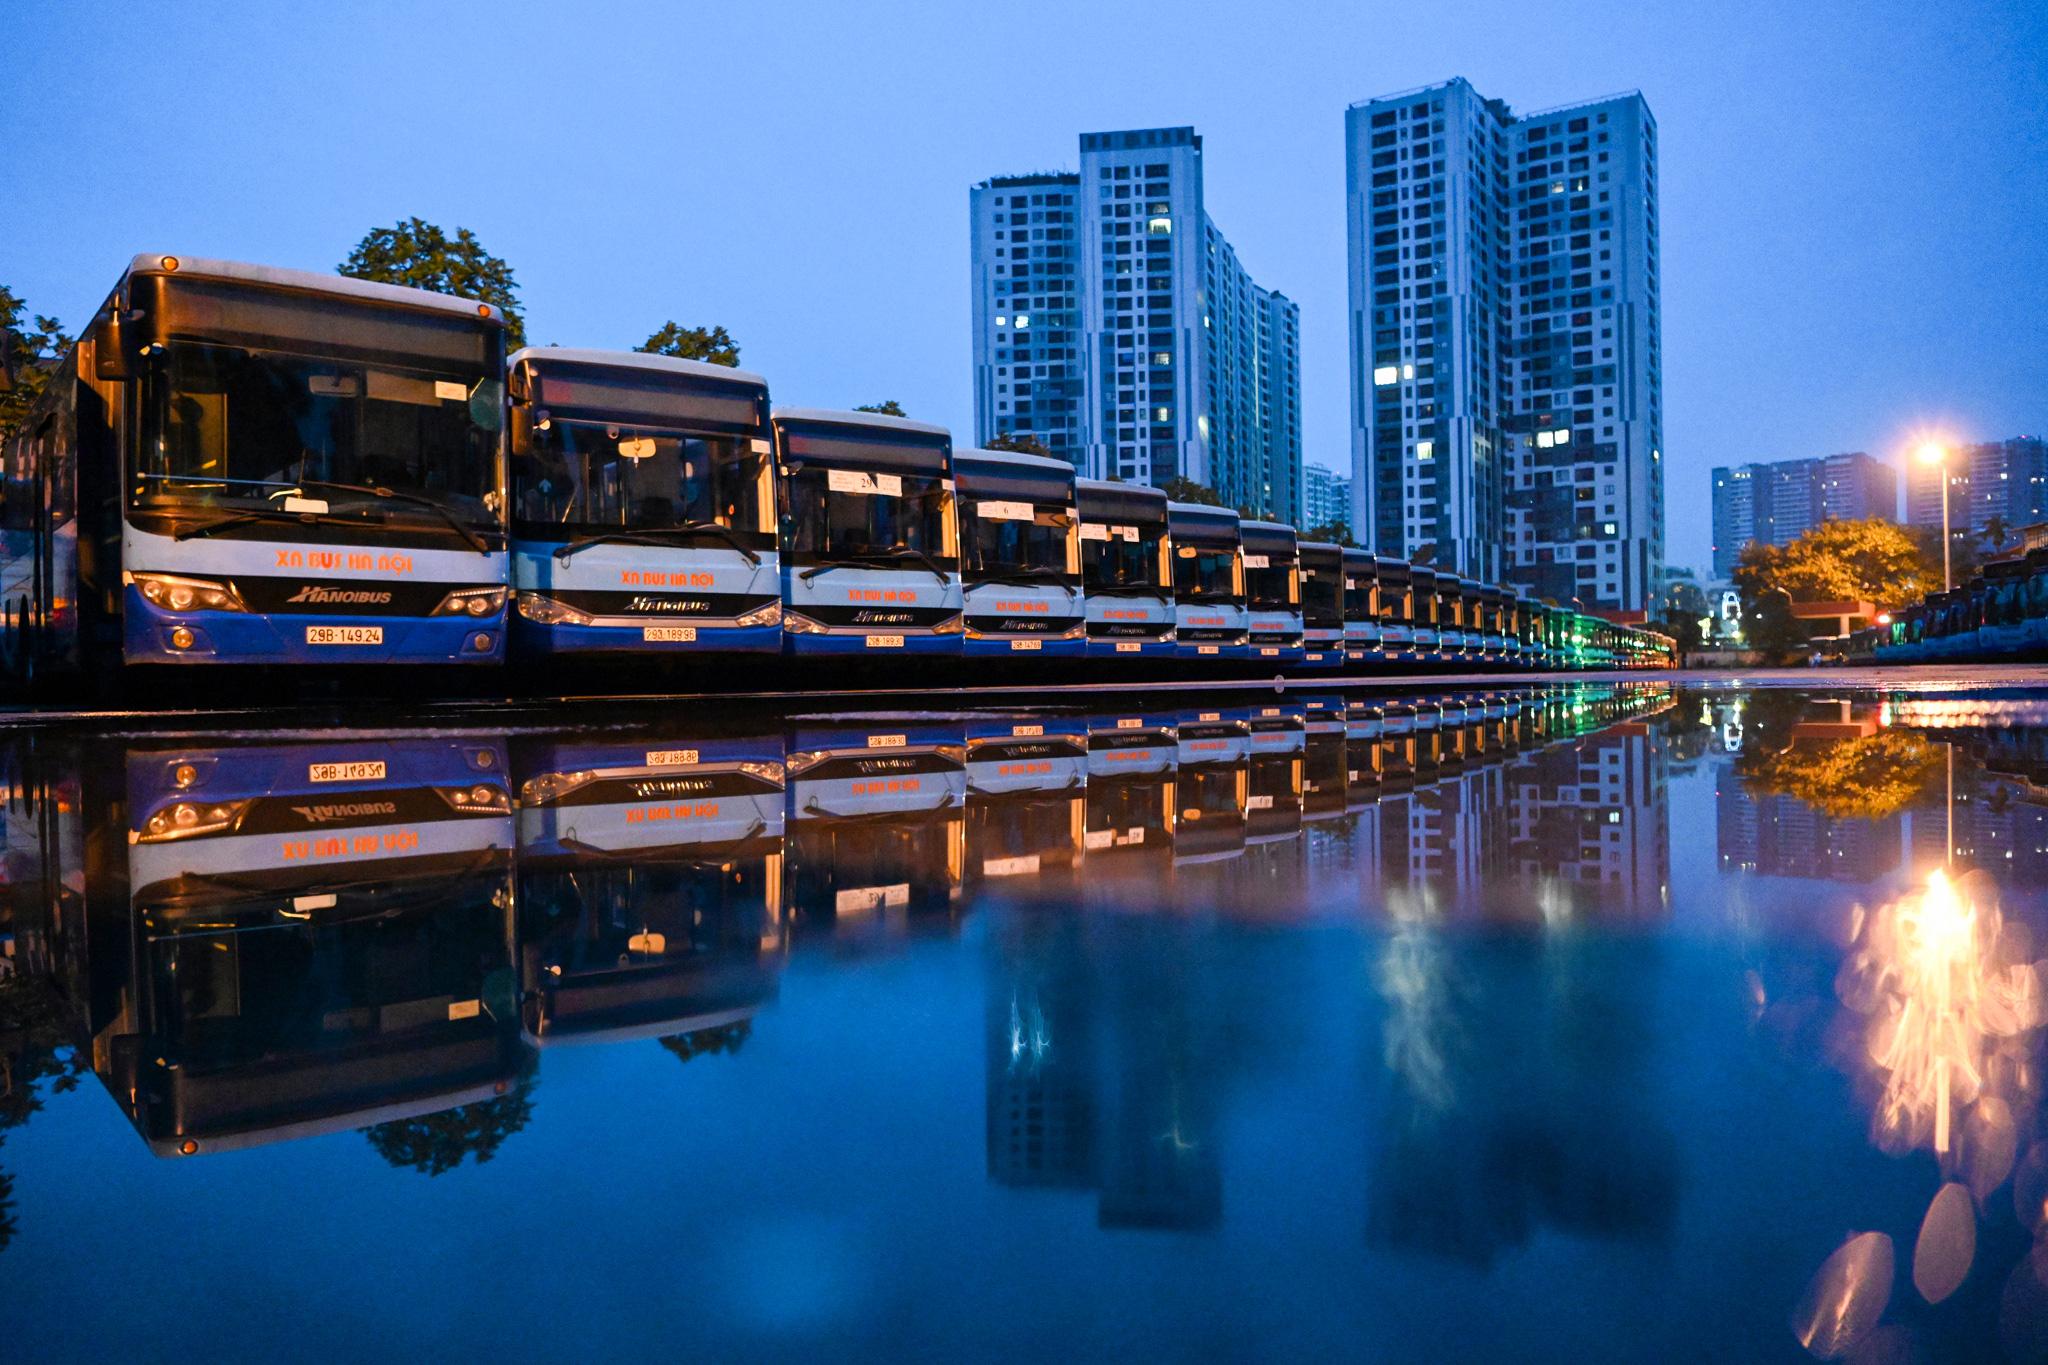 [ẢNH] Vẻ đẹp của gần 200 xe buýt tập kết về bến xếp hàng trong đêm - Ảnh 1.